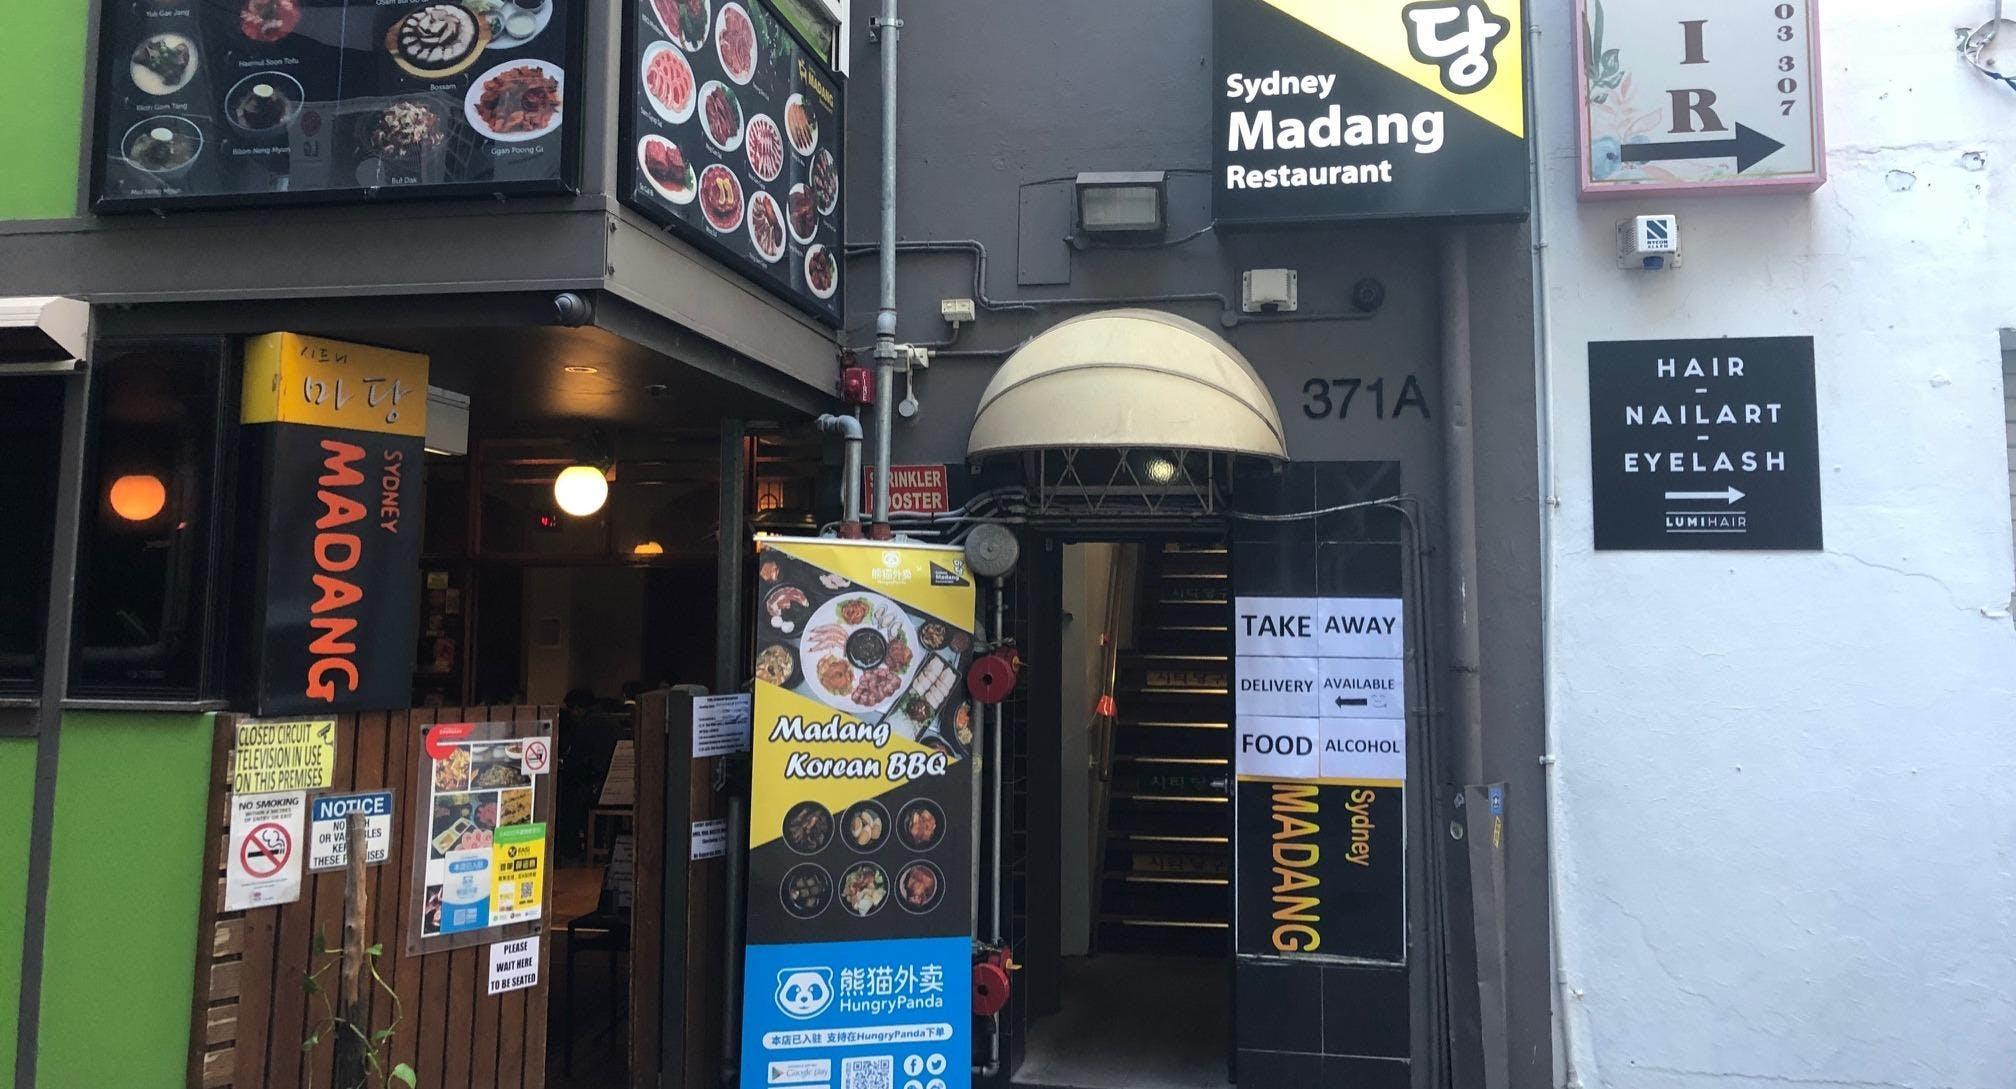 Sydney Madang Korean BBQ Restaurant